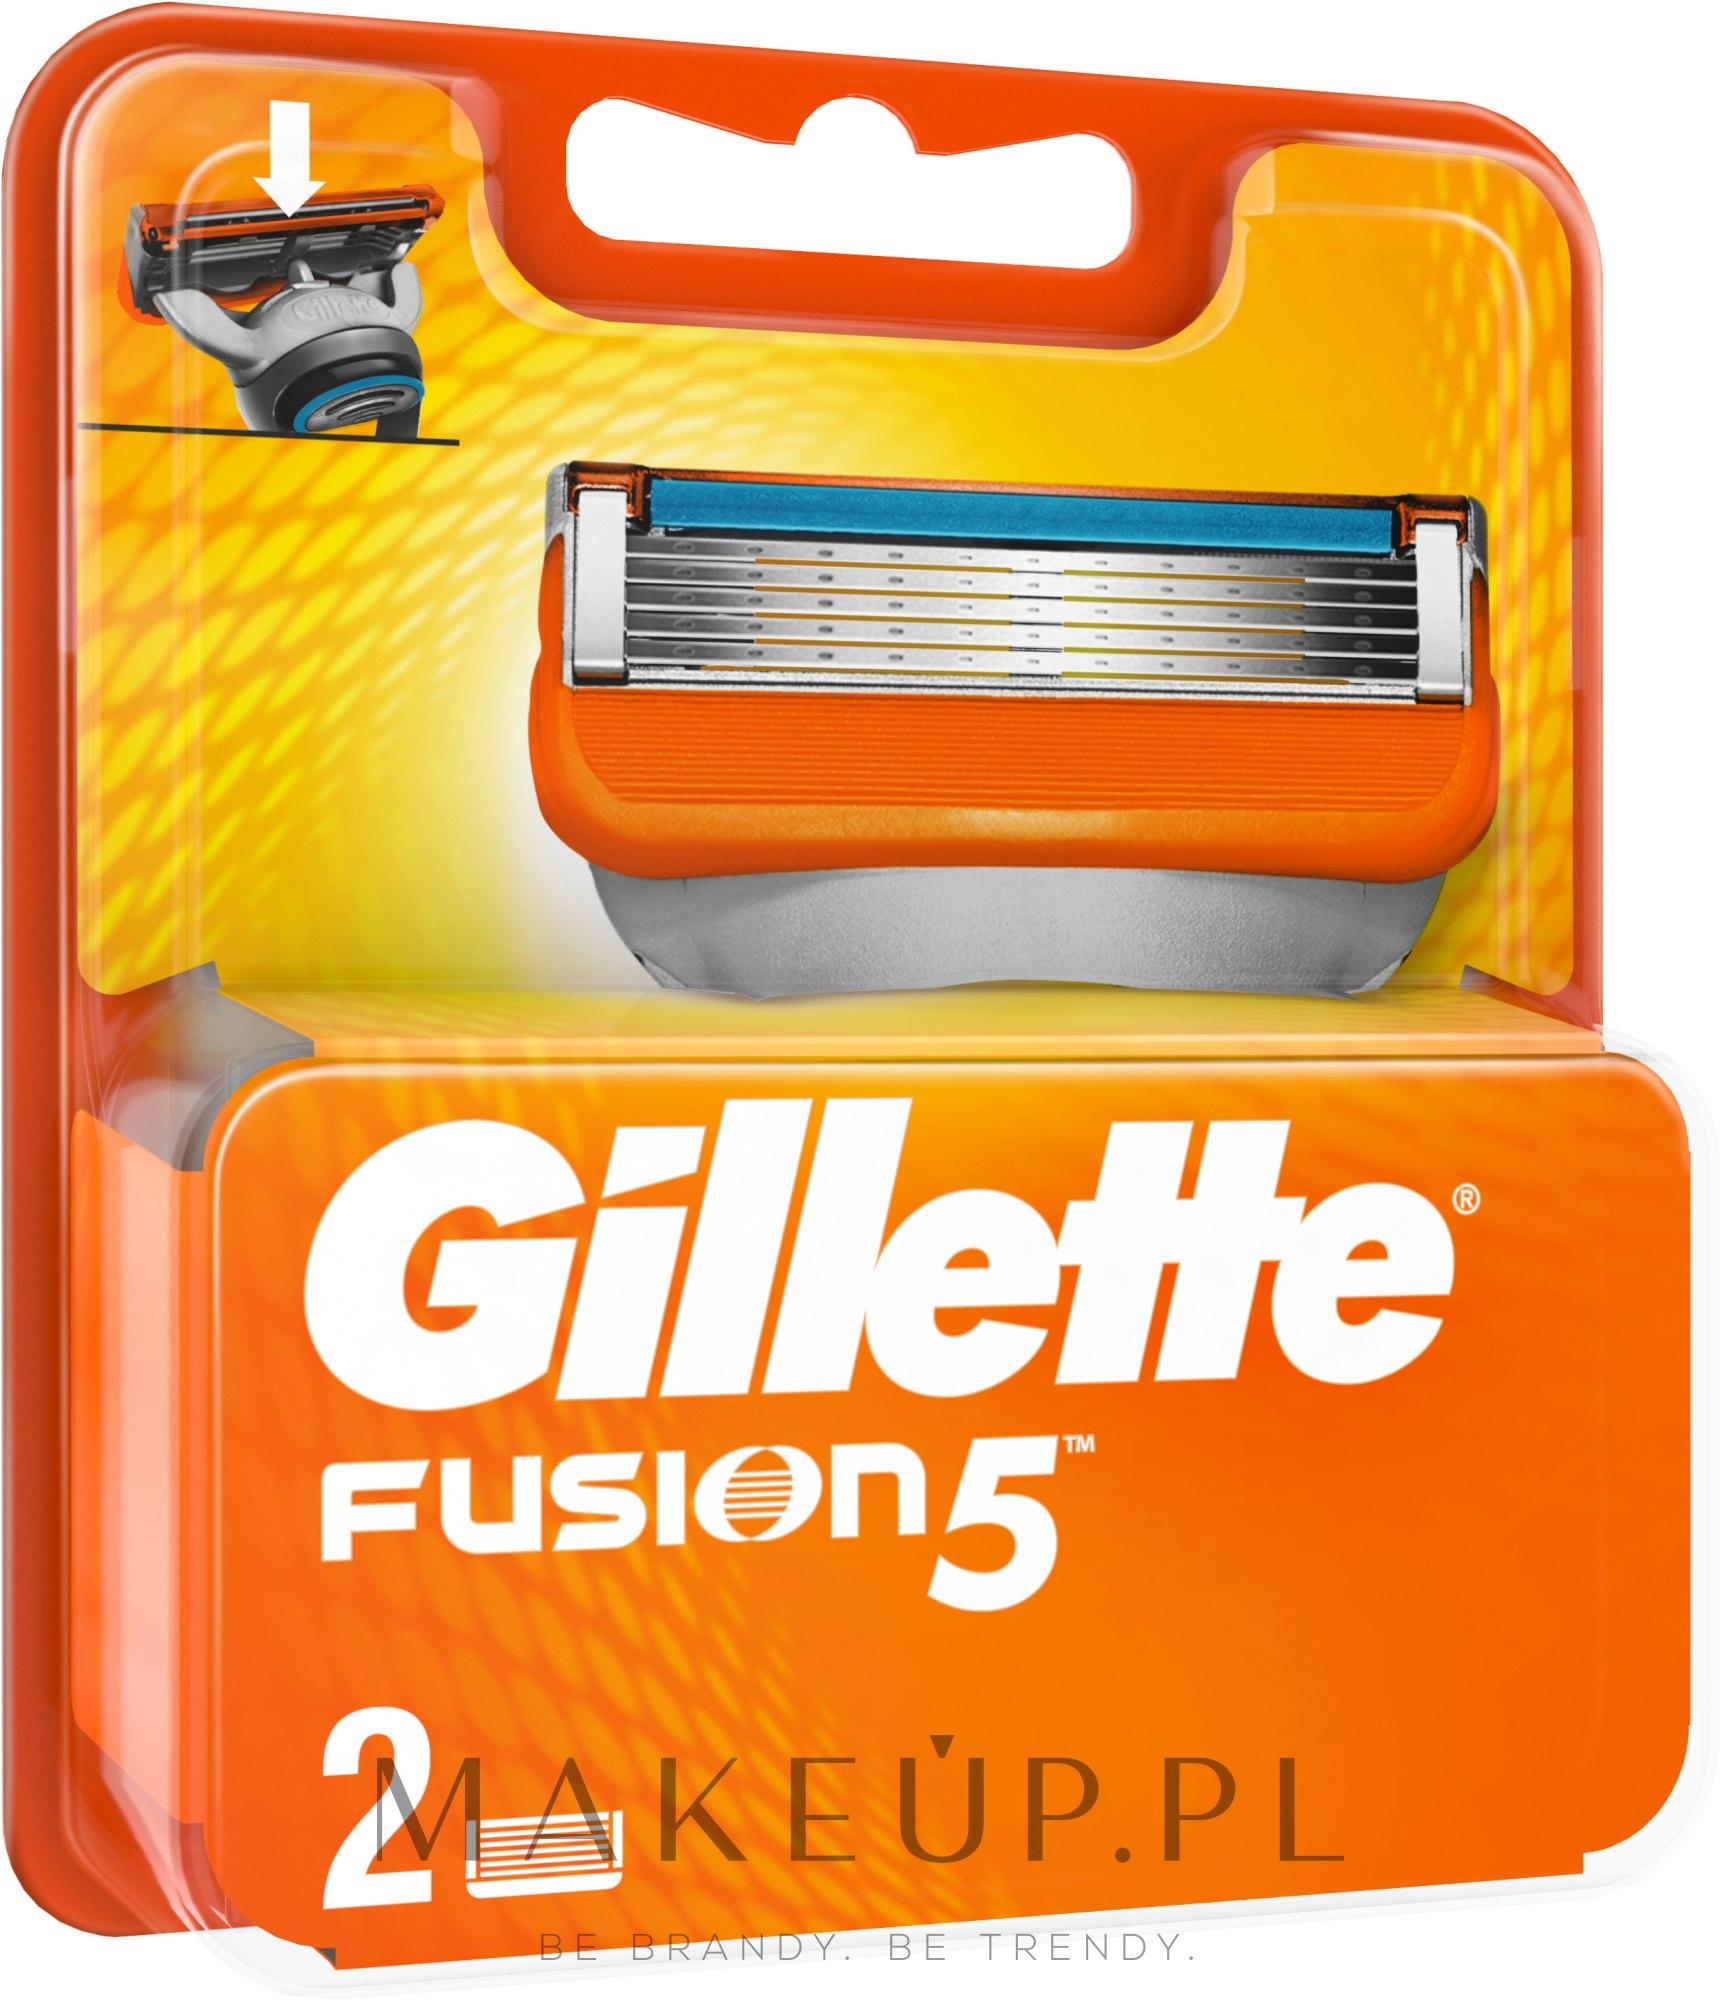 Wymienne wkłady do maszynki, 2 szt. - Gillette Fusion — фото 2 szt.